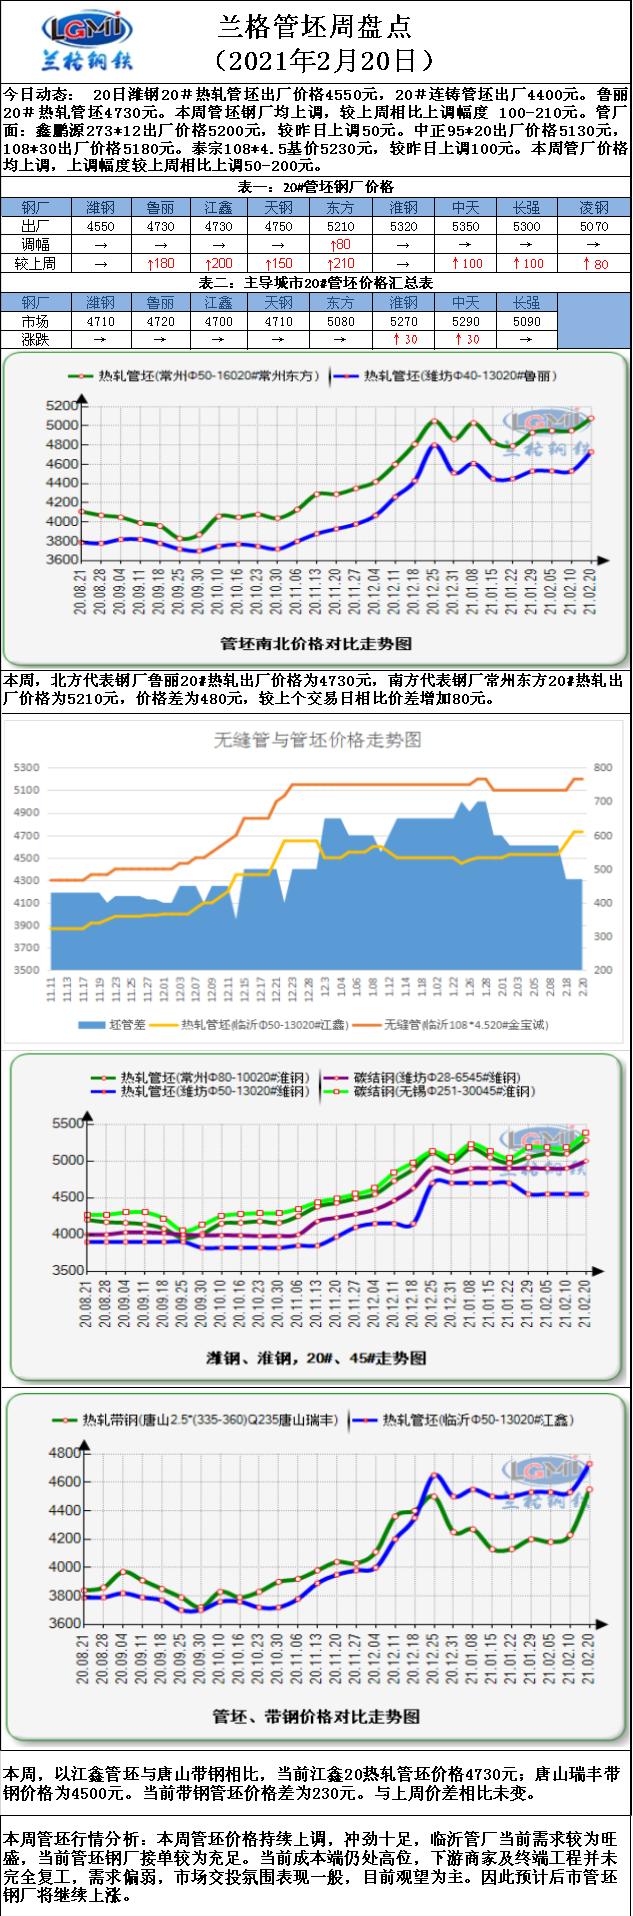 兰格管坯周盘点:管坯价格涨势强劲 接单较满